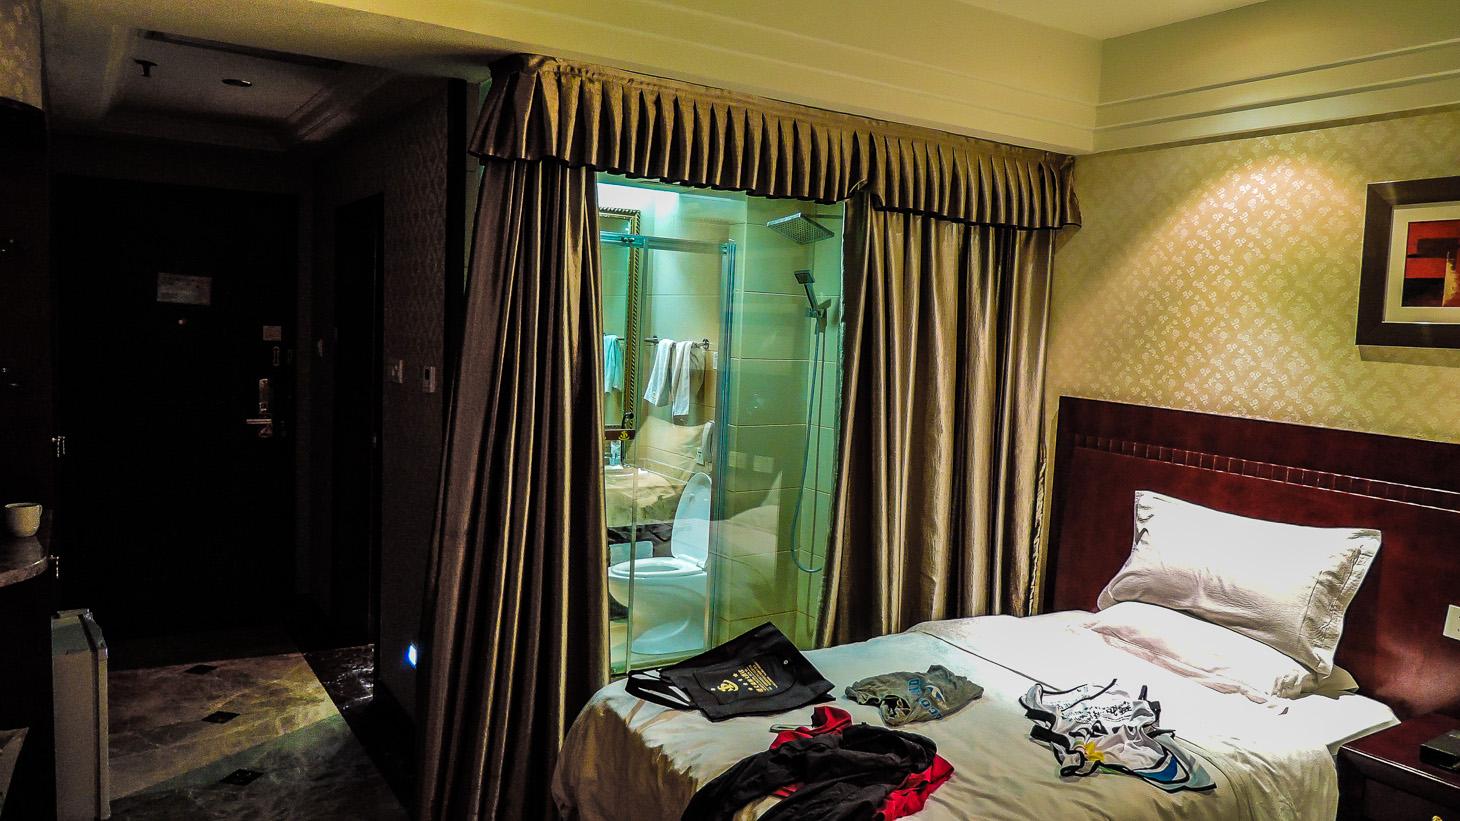 Pokoje tu měli zajímavé - koupelna i záchod prosklené, pouze závěs - zvenku.